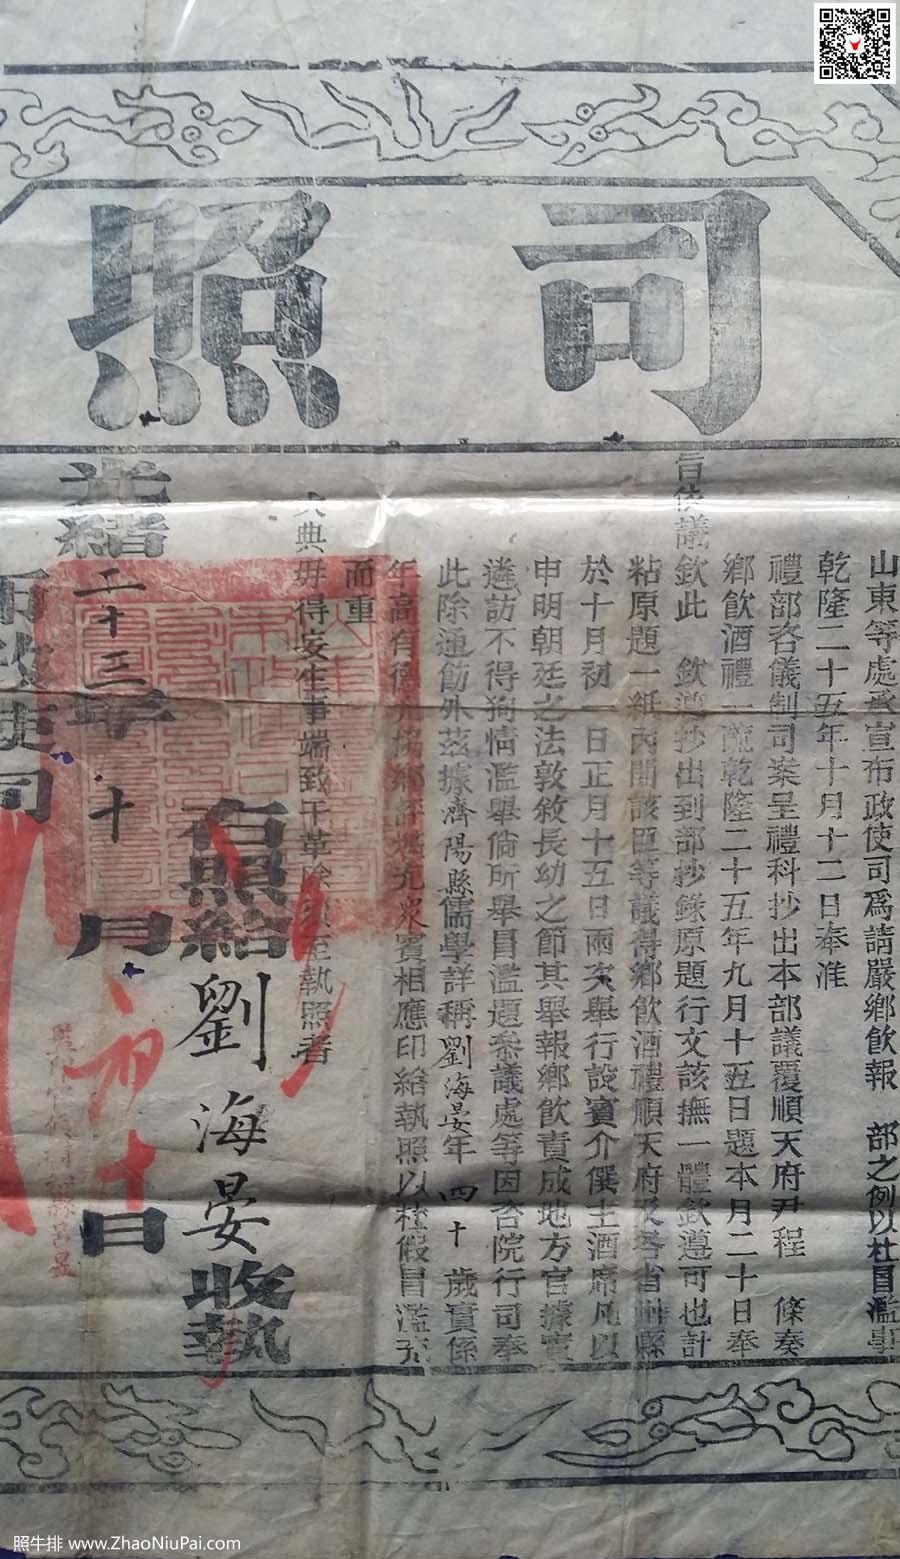 """光绪二十三年(1897年)山东布政使司为济阳县四十岁刘海宴充任众宾所颁发的""""司照"""""""